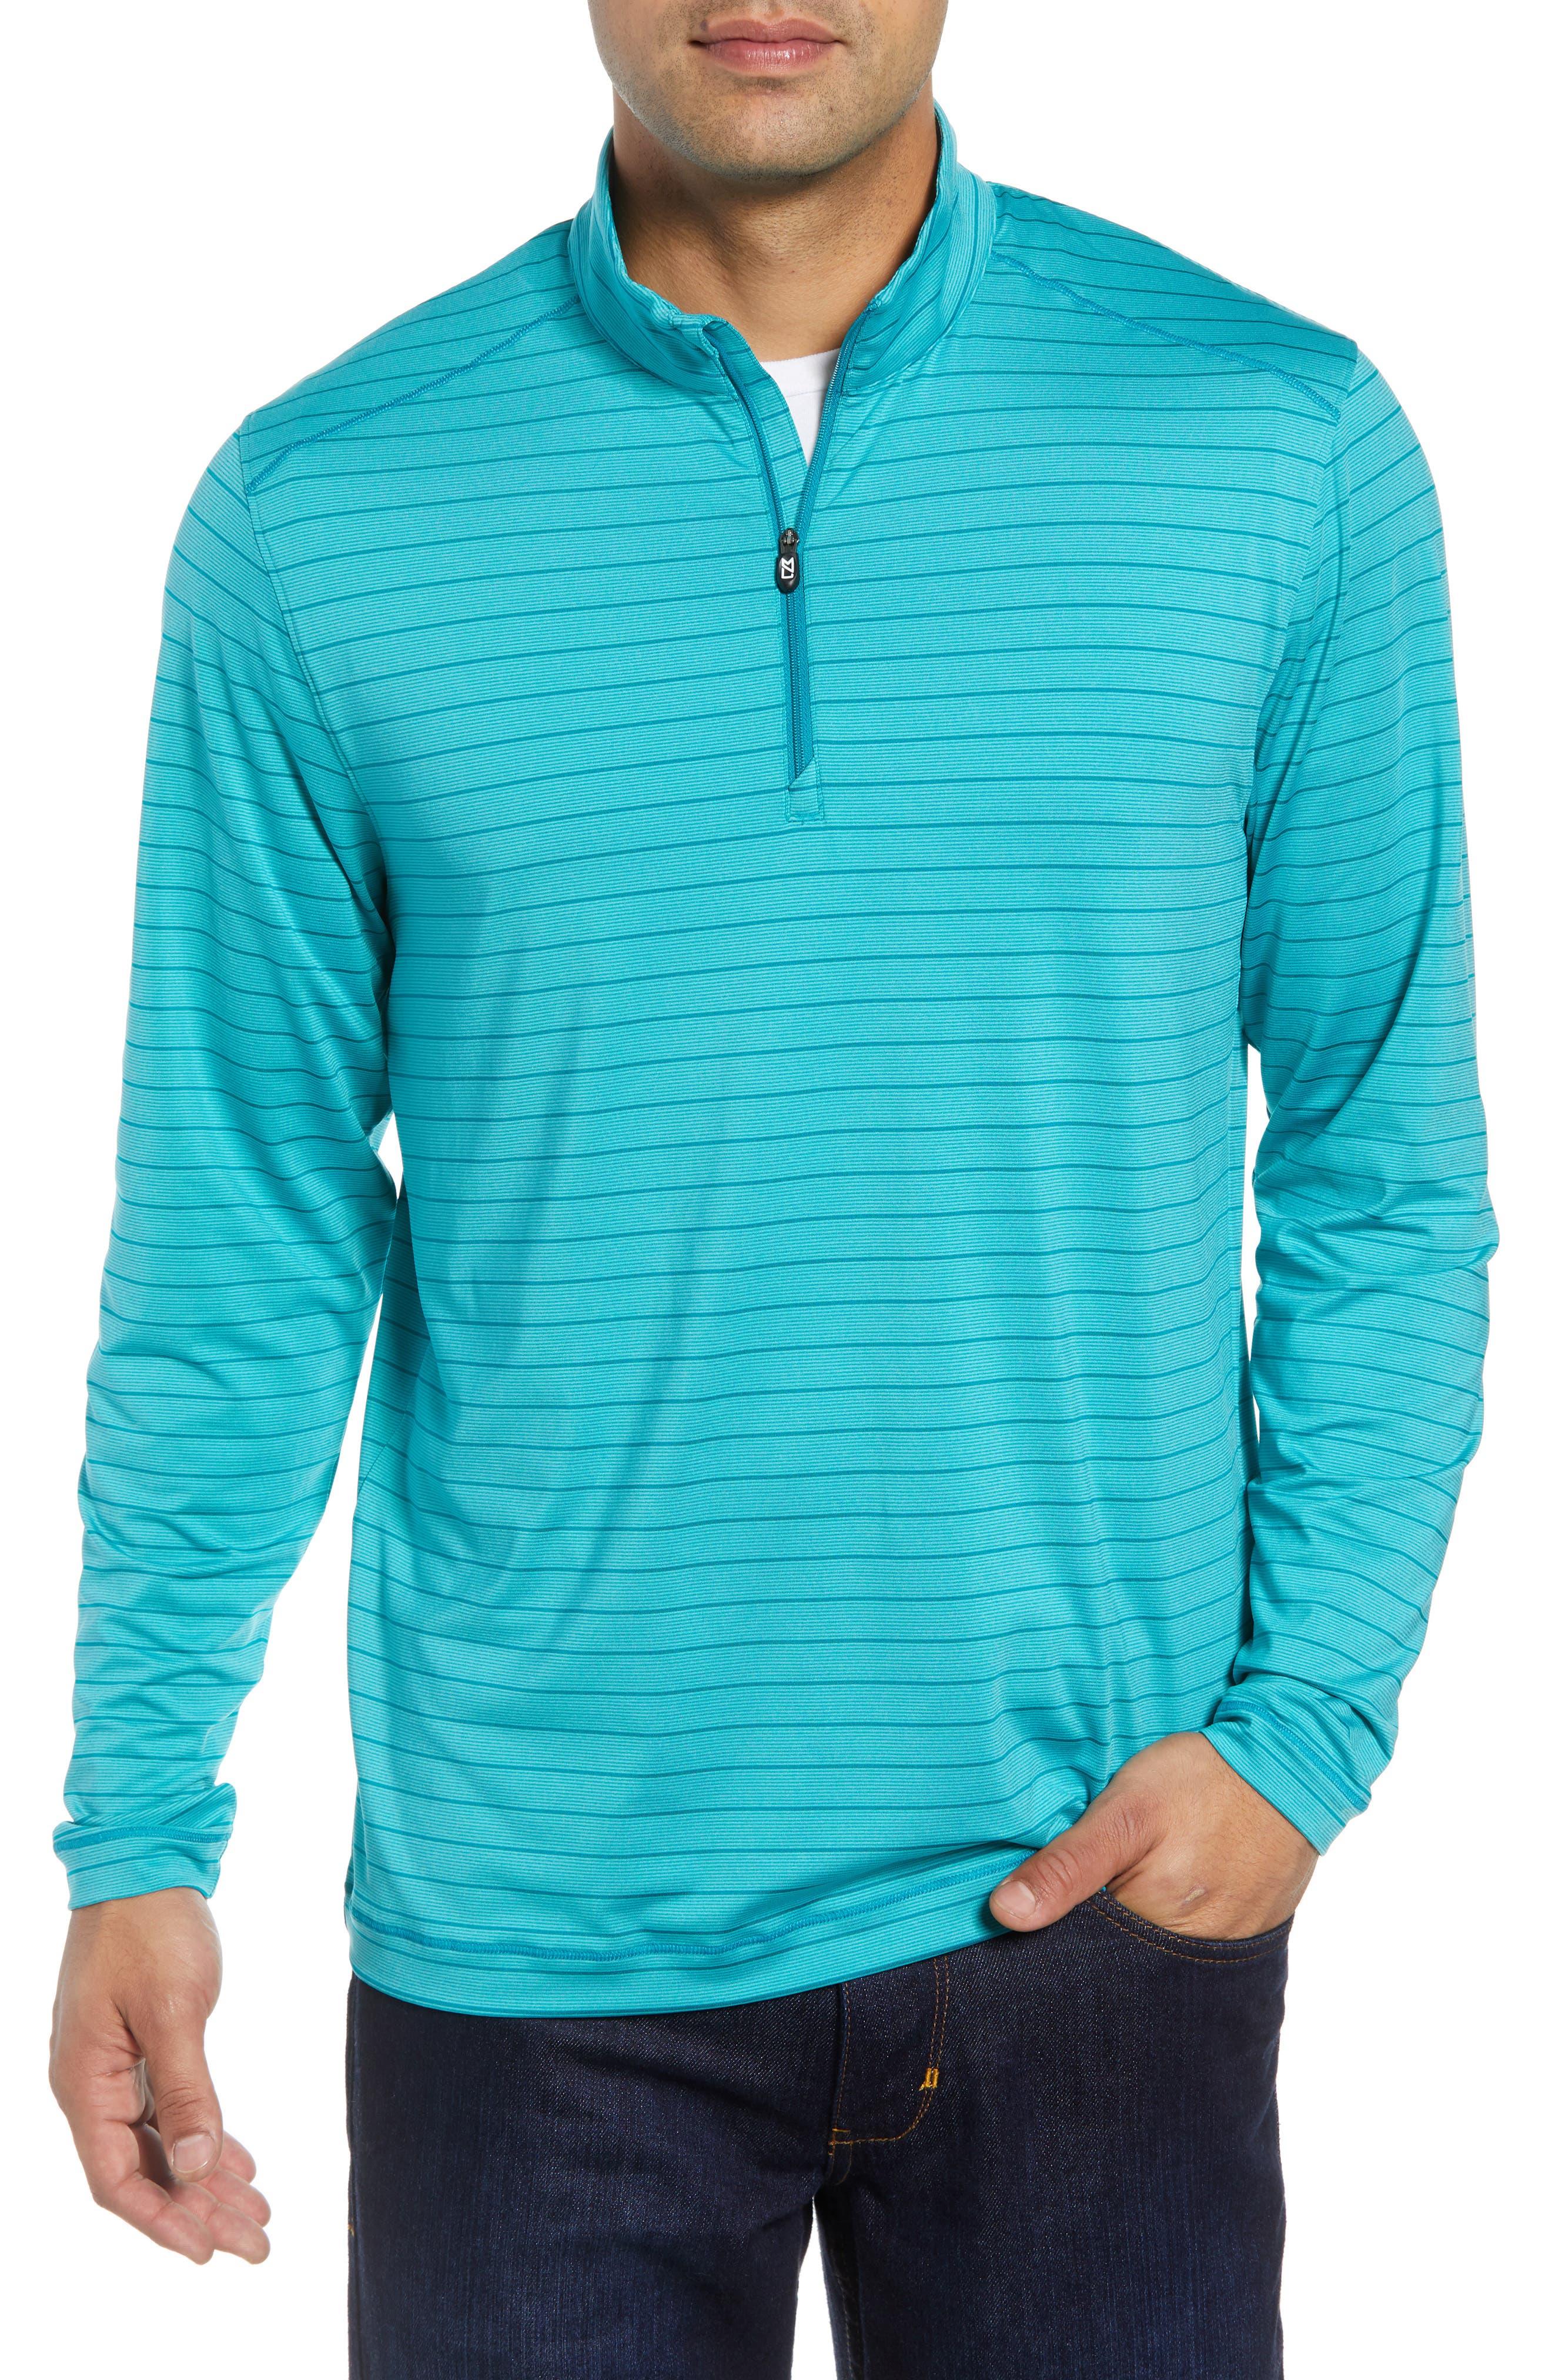 Holman Stripe Half Zip Pullover,                         Main,                         color, AQUATIC HEATHER